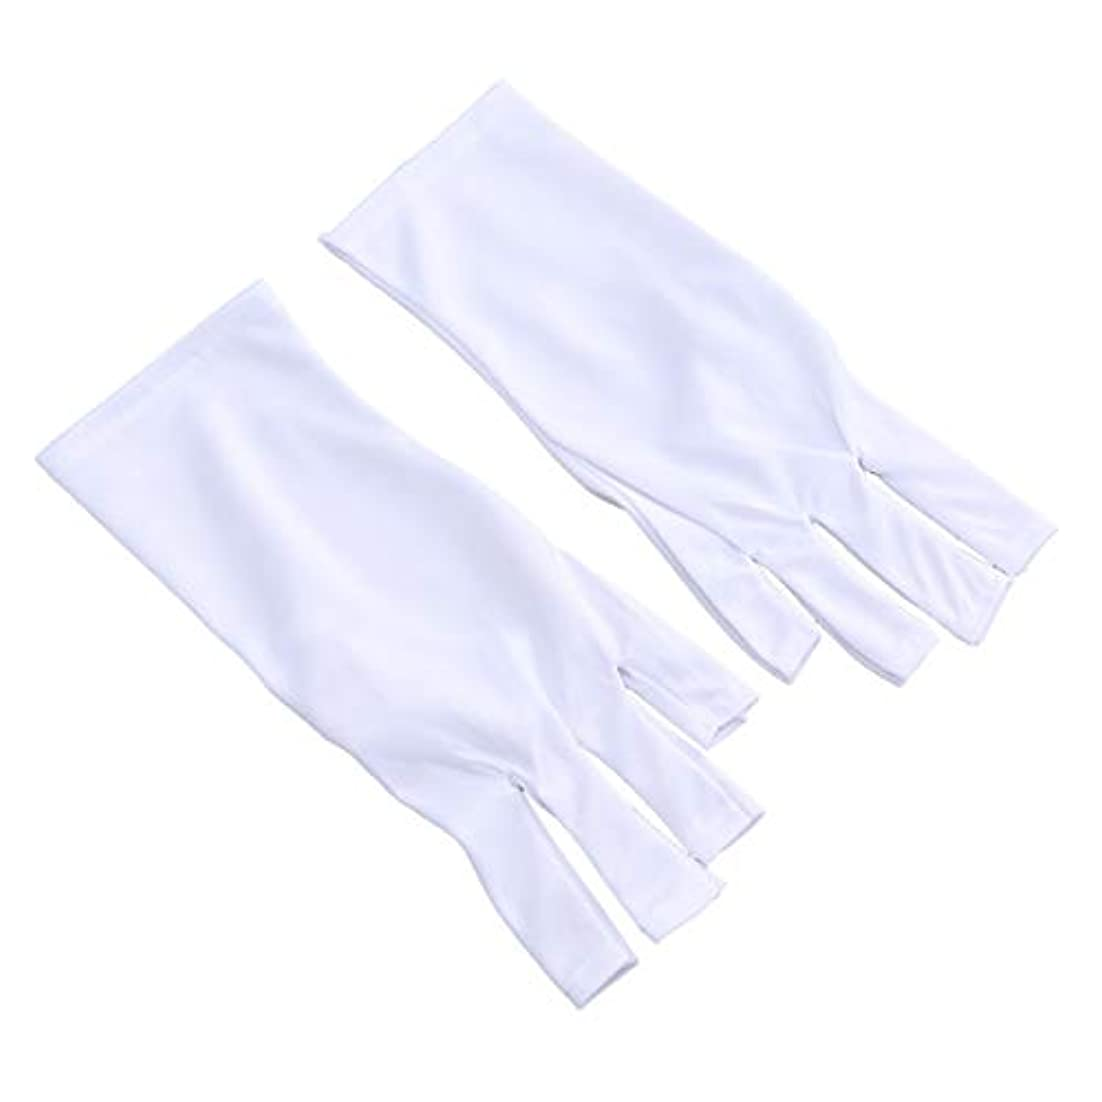 道路消費する命題Healifty 抗uv手袋 手袋 ネイルアー 放射線防護 マニキュアドライヤーツール 1ペア (25 CMショートホワイトUVグローブ)